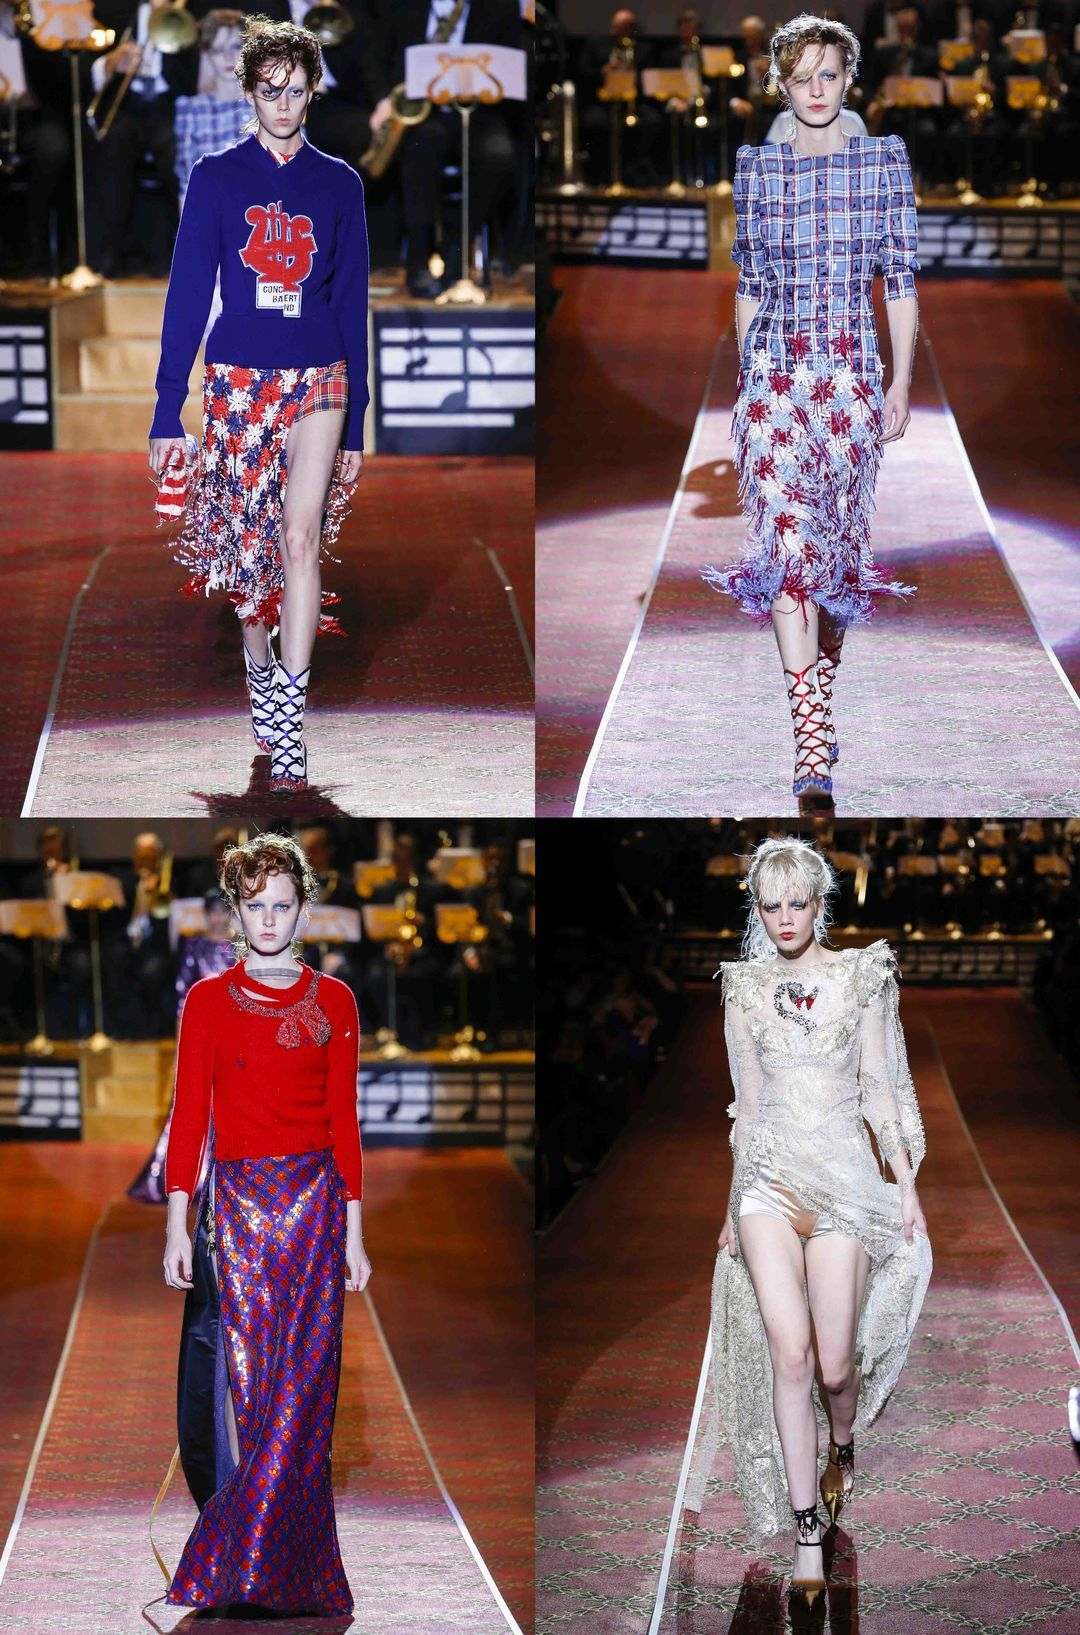 伦敦时装周正式开幕,吉赛尔·邦辰依然是最赚钱超模  浮华日报_时尚_好奇心日报